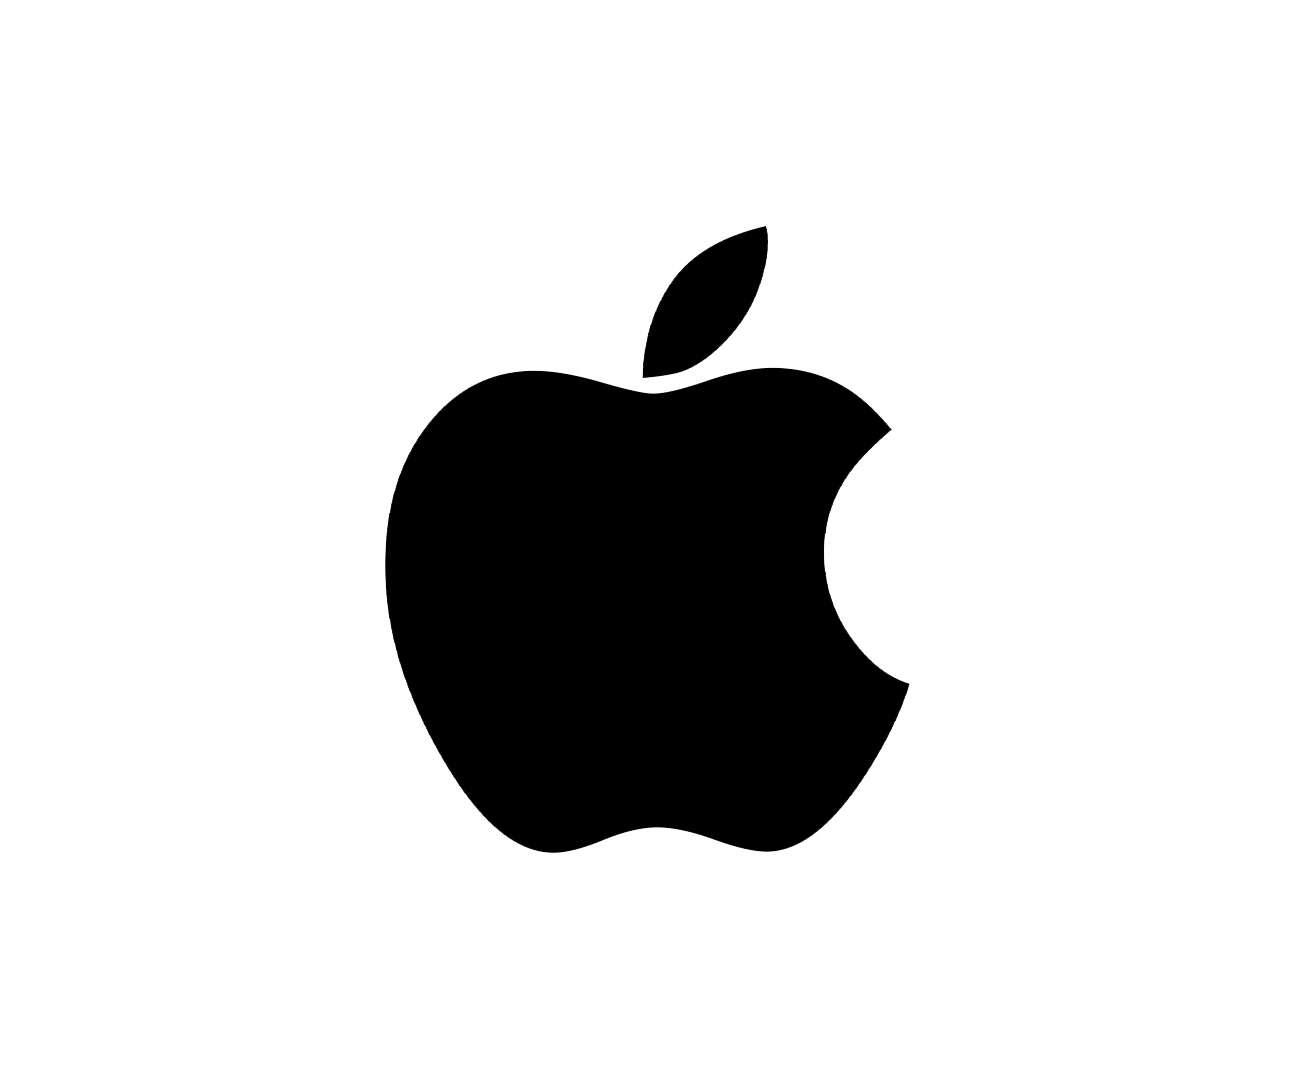 Zestaw mieszanej rzeczywistości Apple